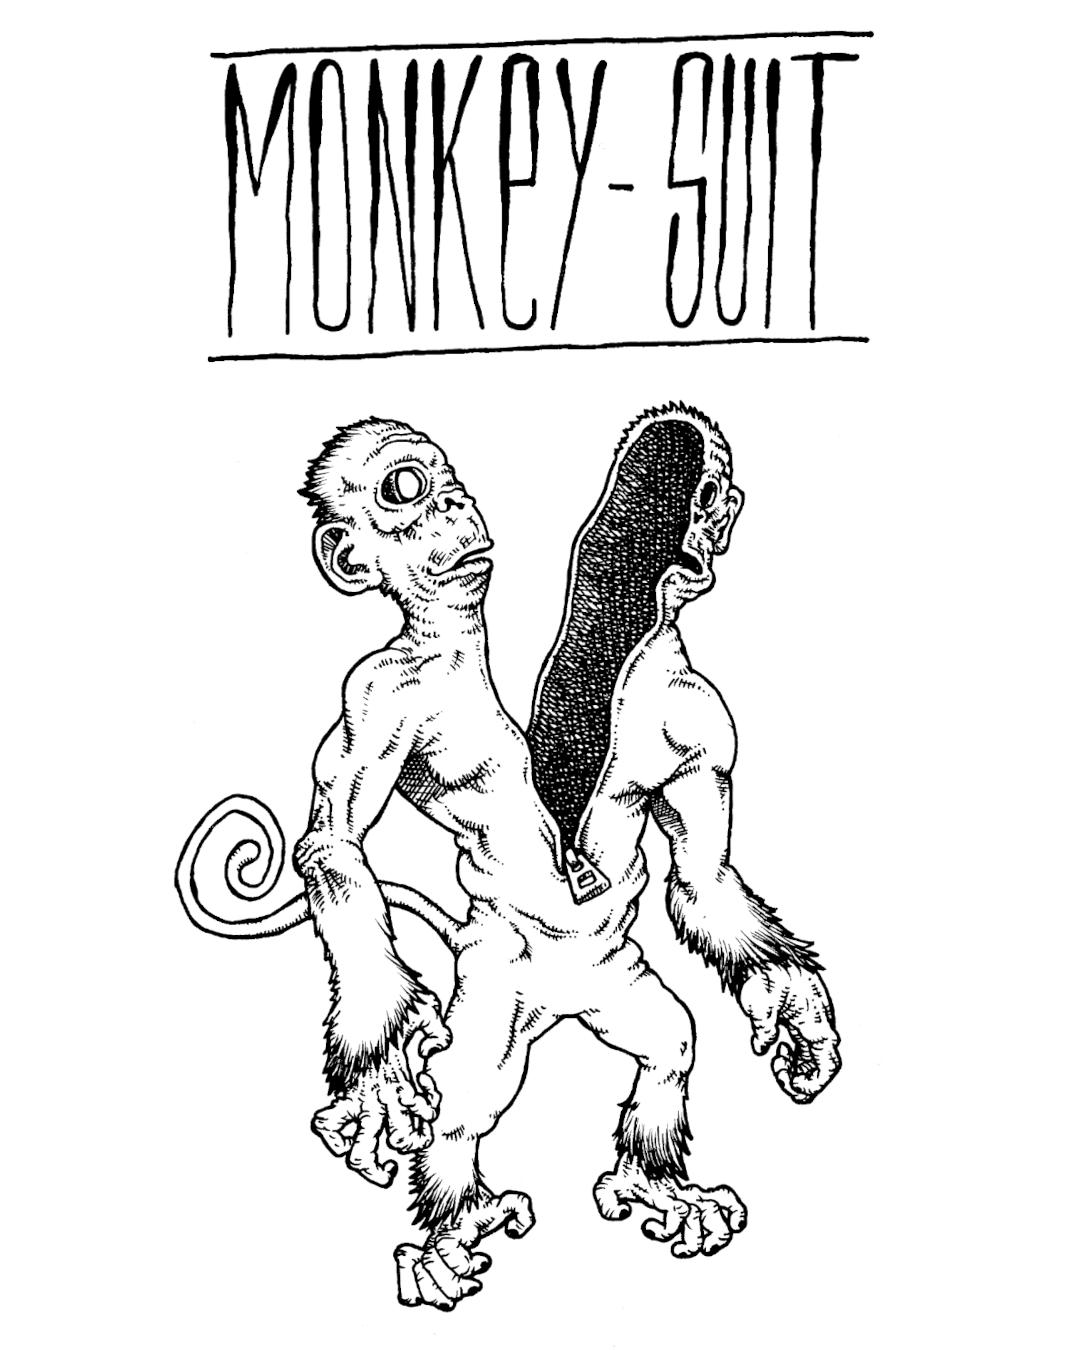 Monkey-Suit 1